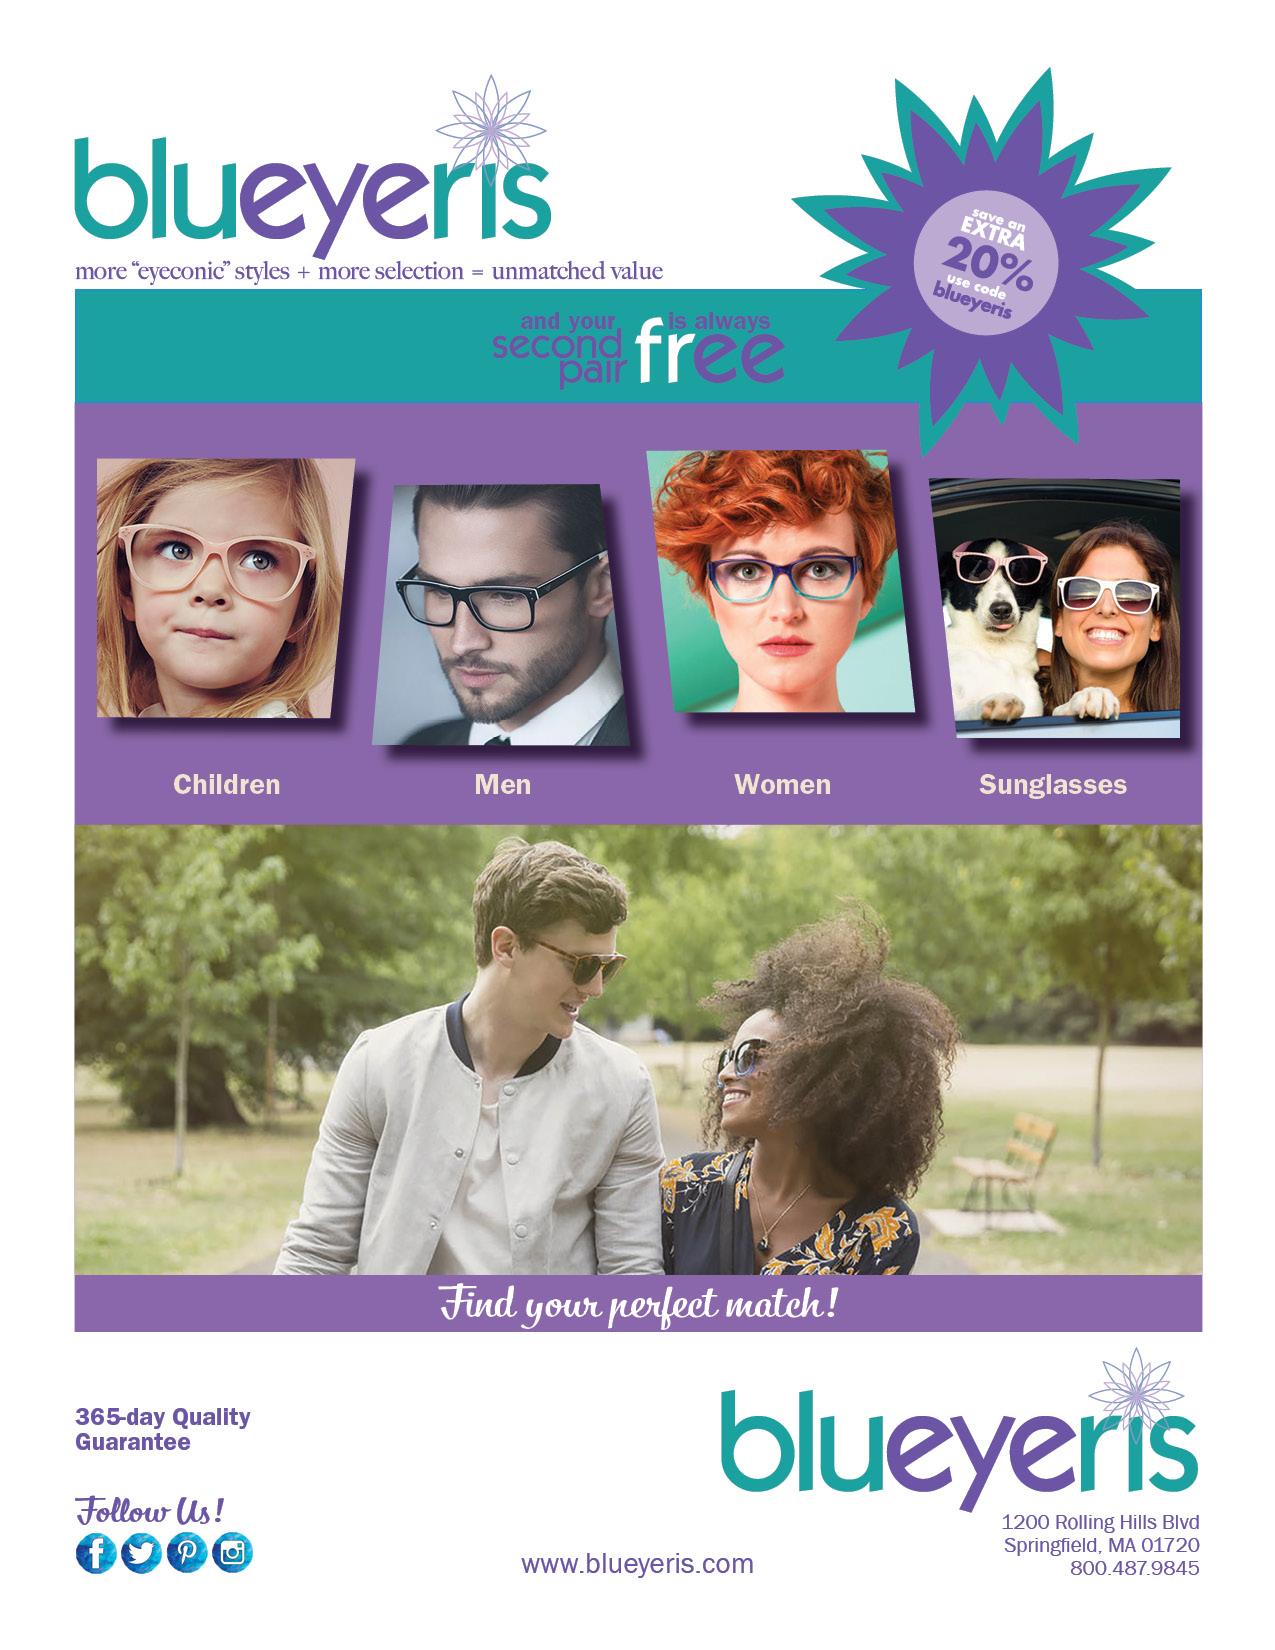 blueyeris_email.jpg